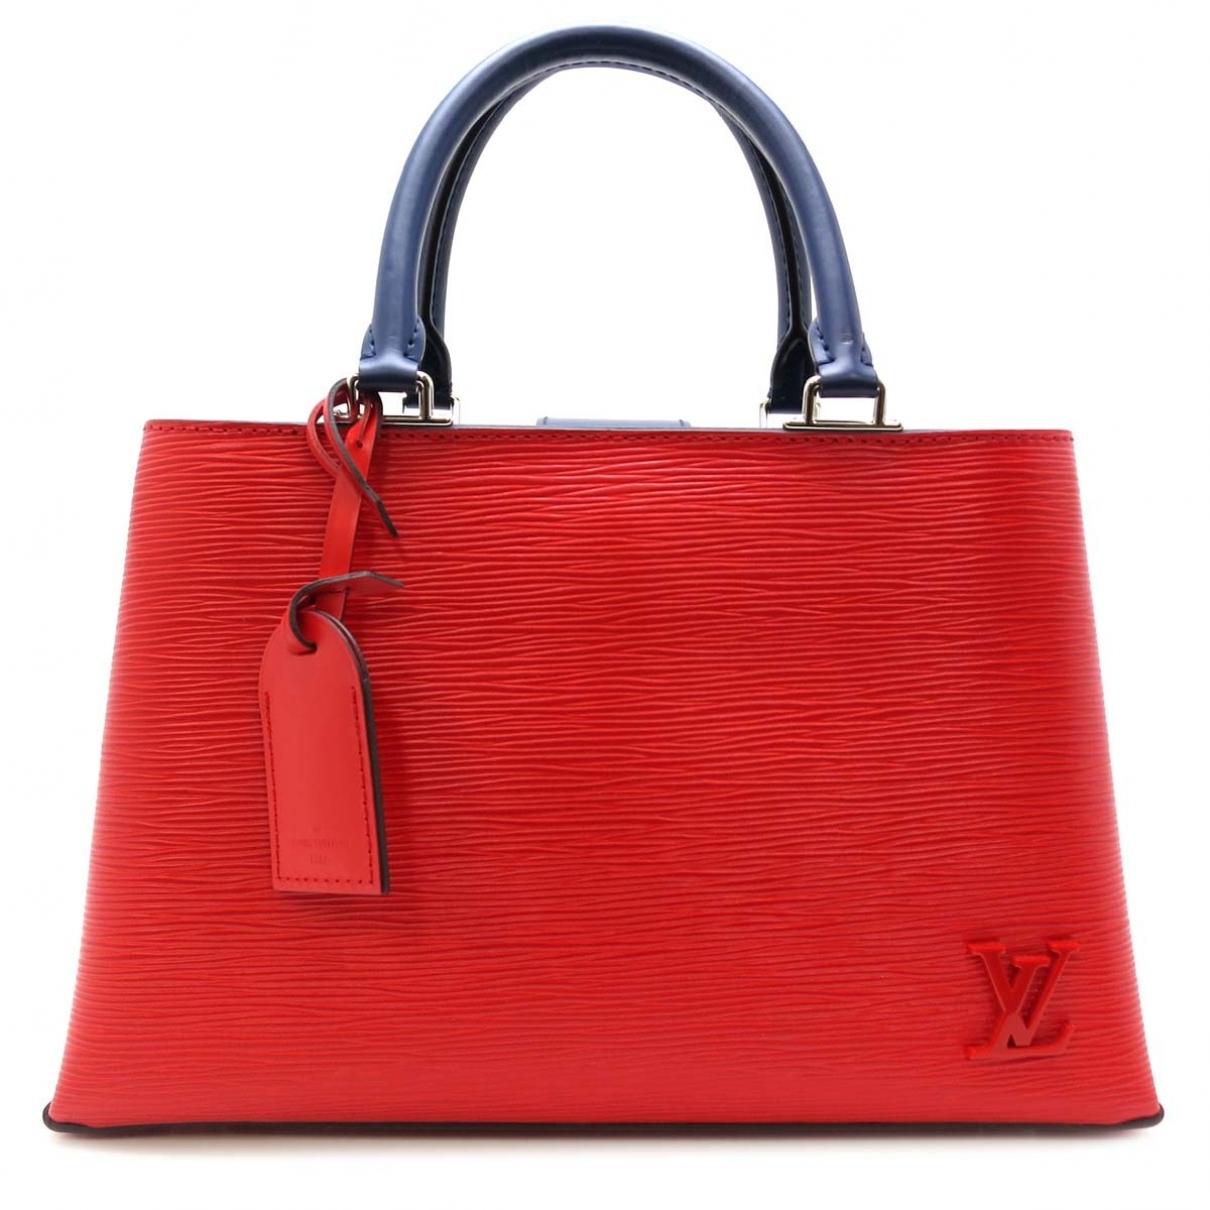 Louis Vuitton - Sac a main Kleber pour femme en cuir - rouge